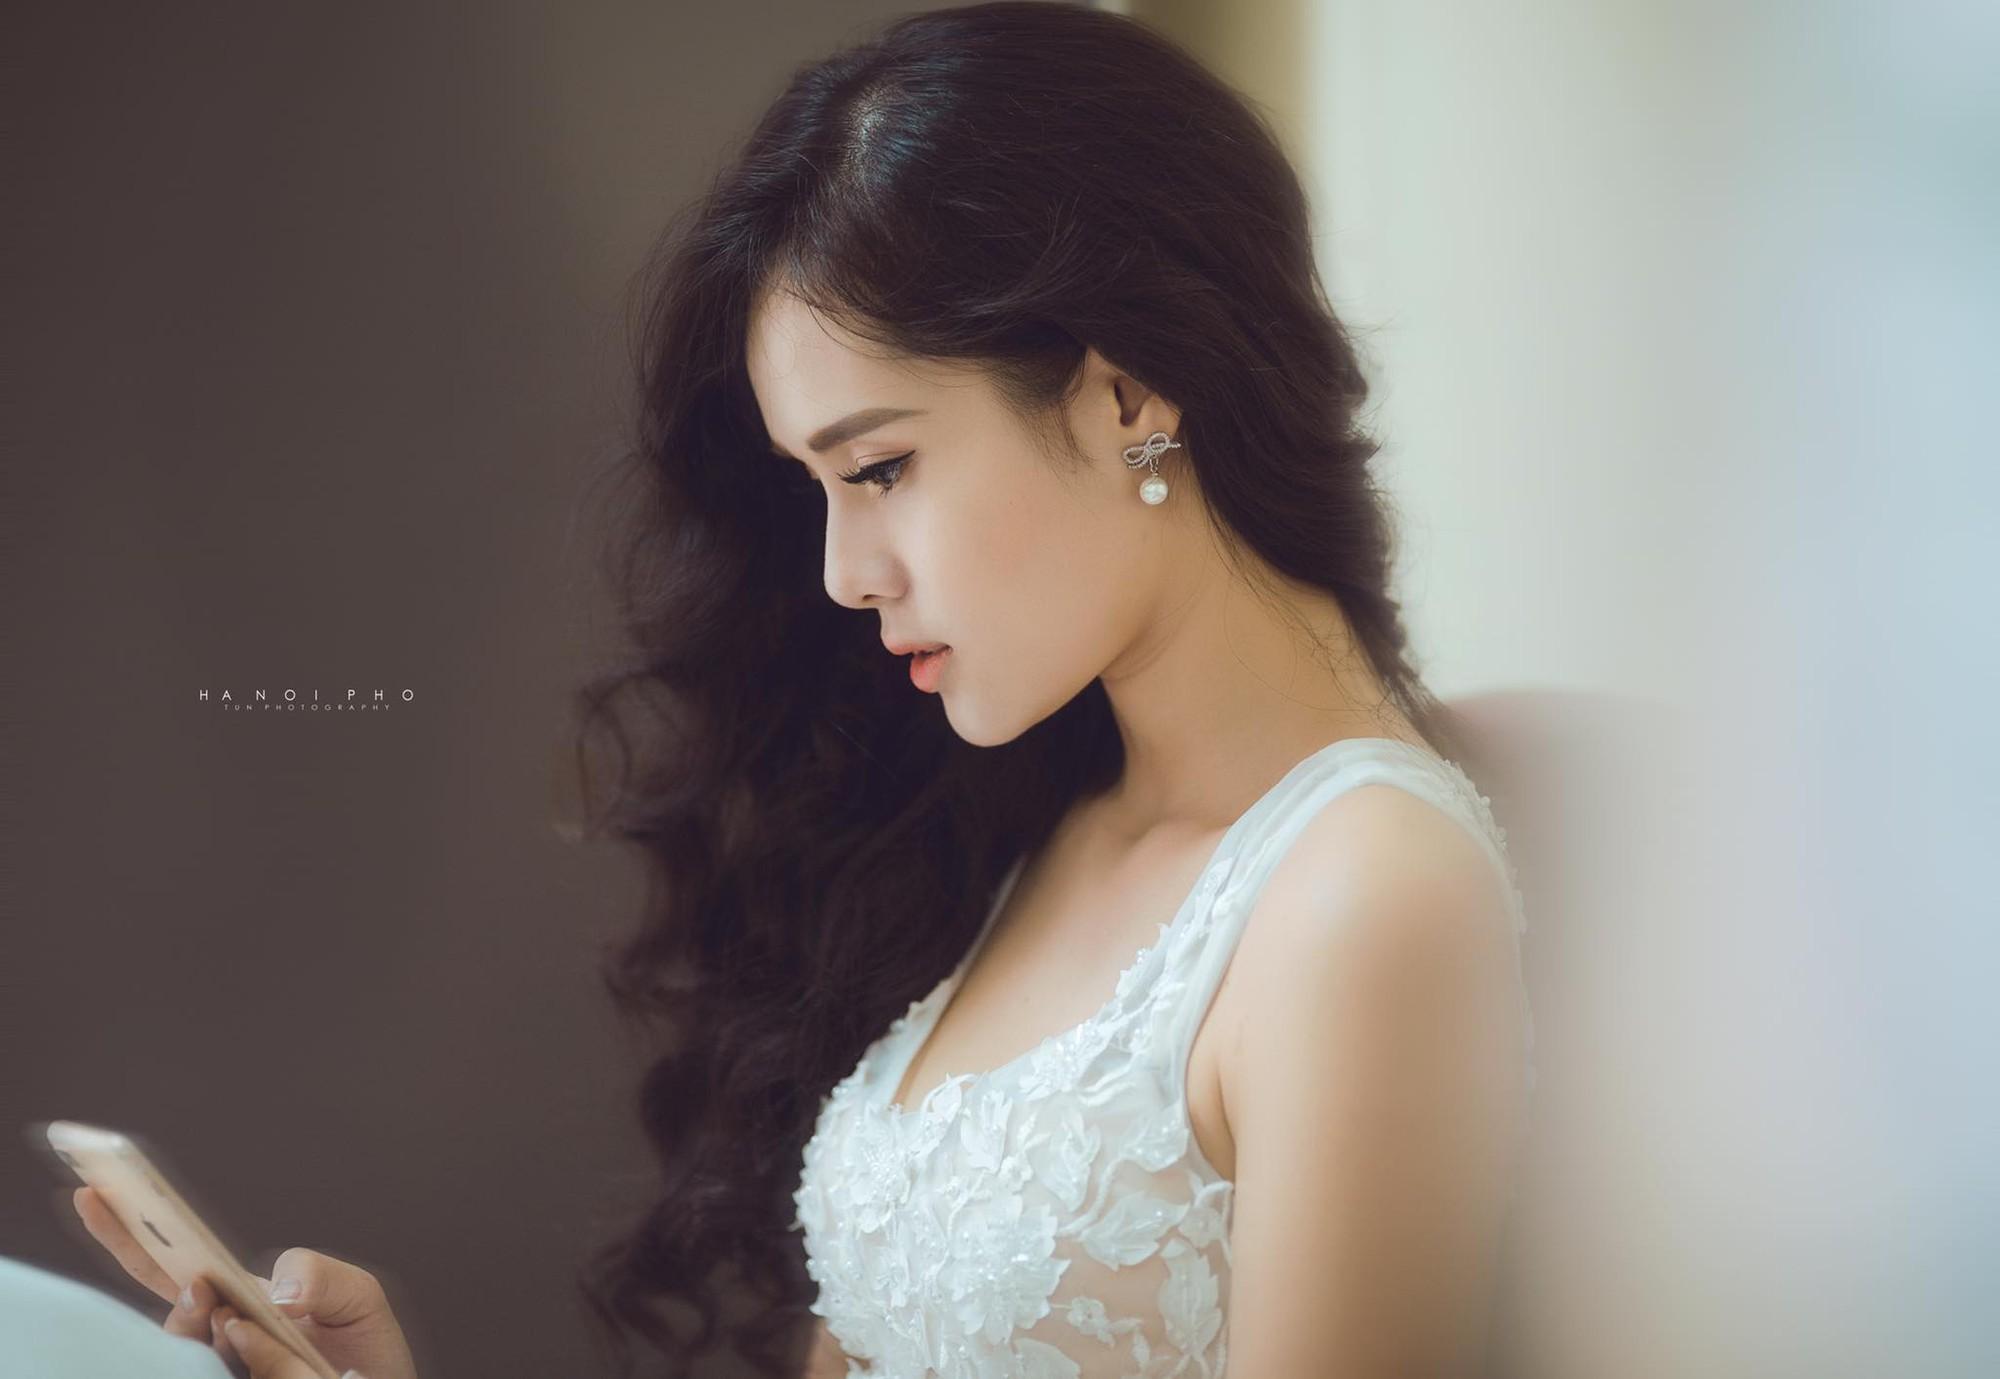 Người đẹp gây sốc với phát ngôn thi hoa hậu để kiếm nhiều tiền như Phạm Hương là bạn gái mới của Trọng Đại? - Ảnh 6.